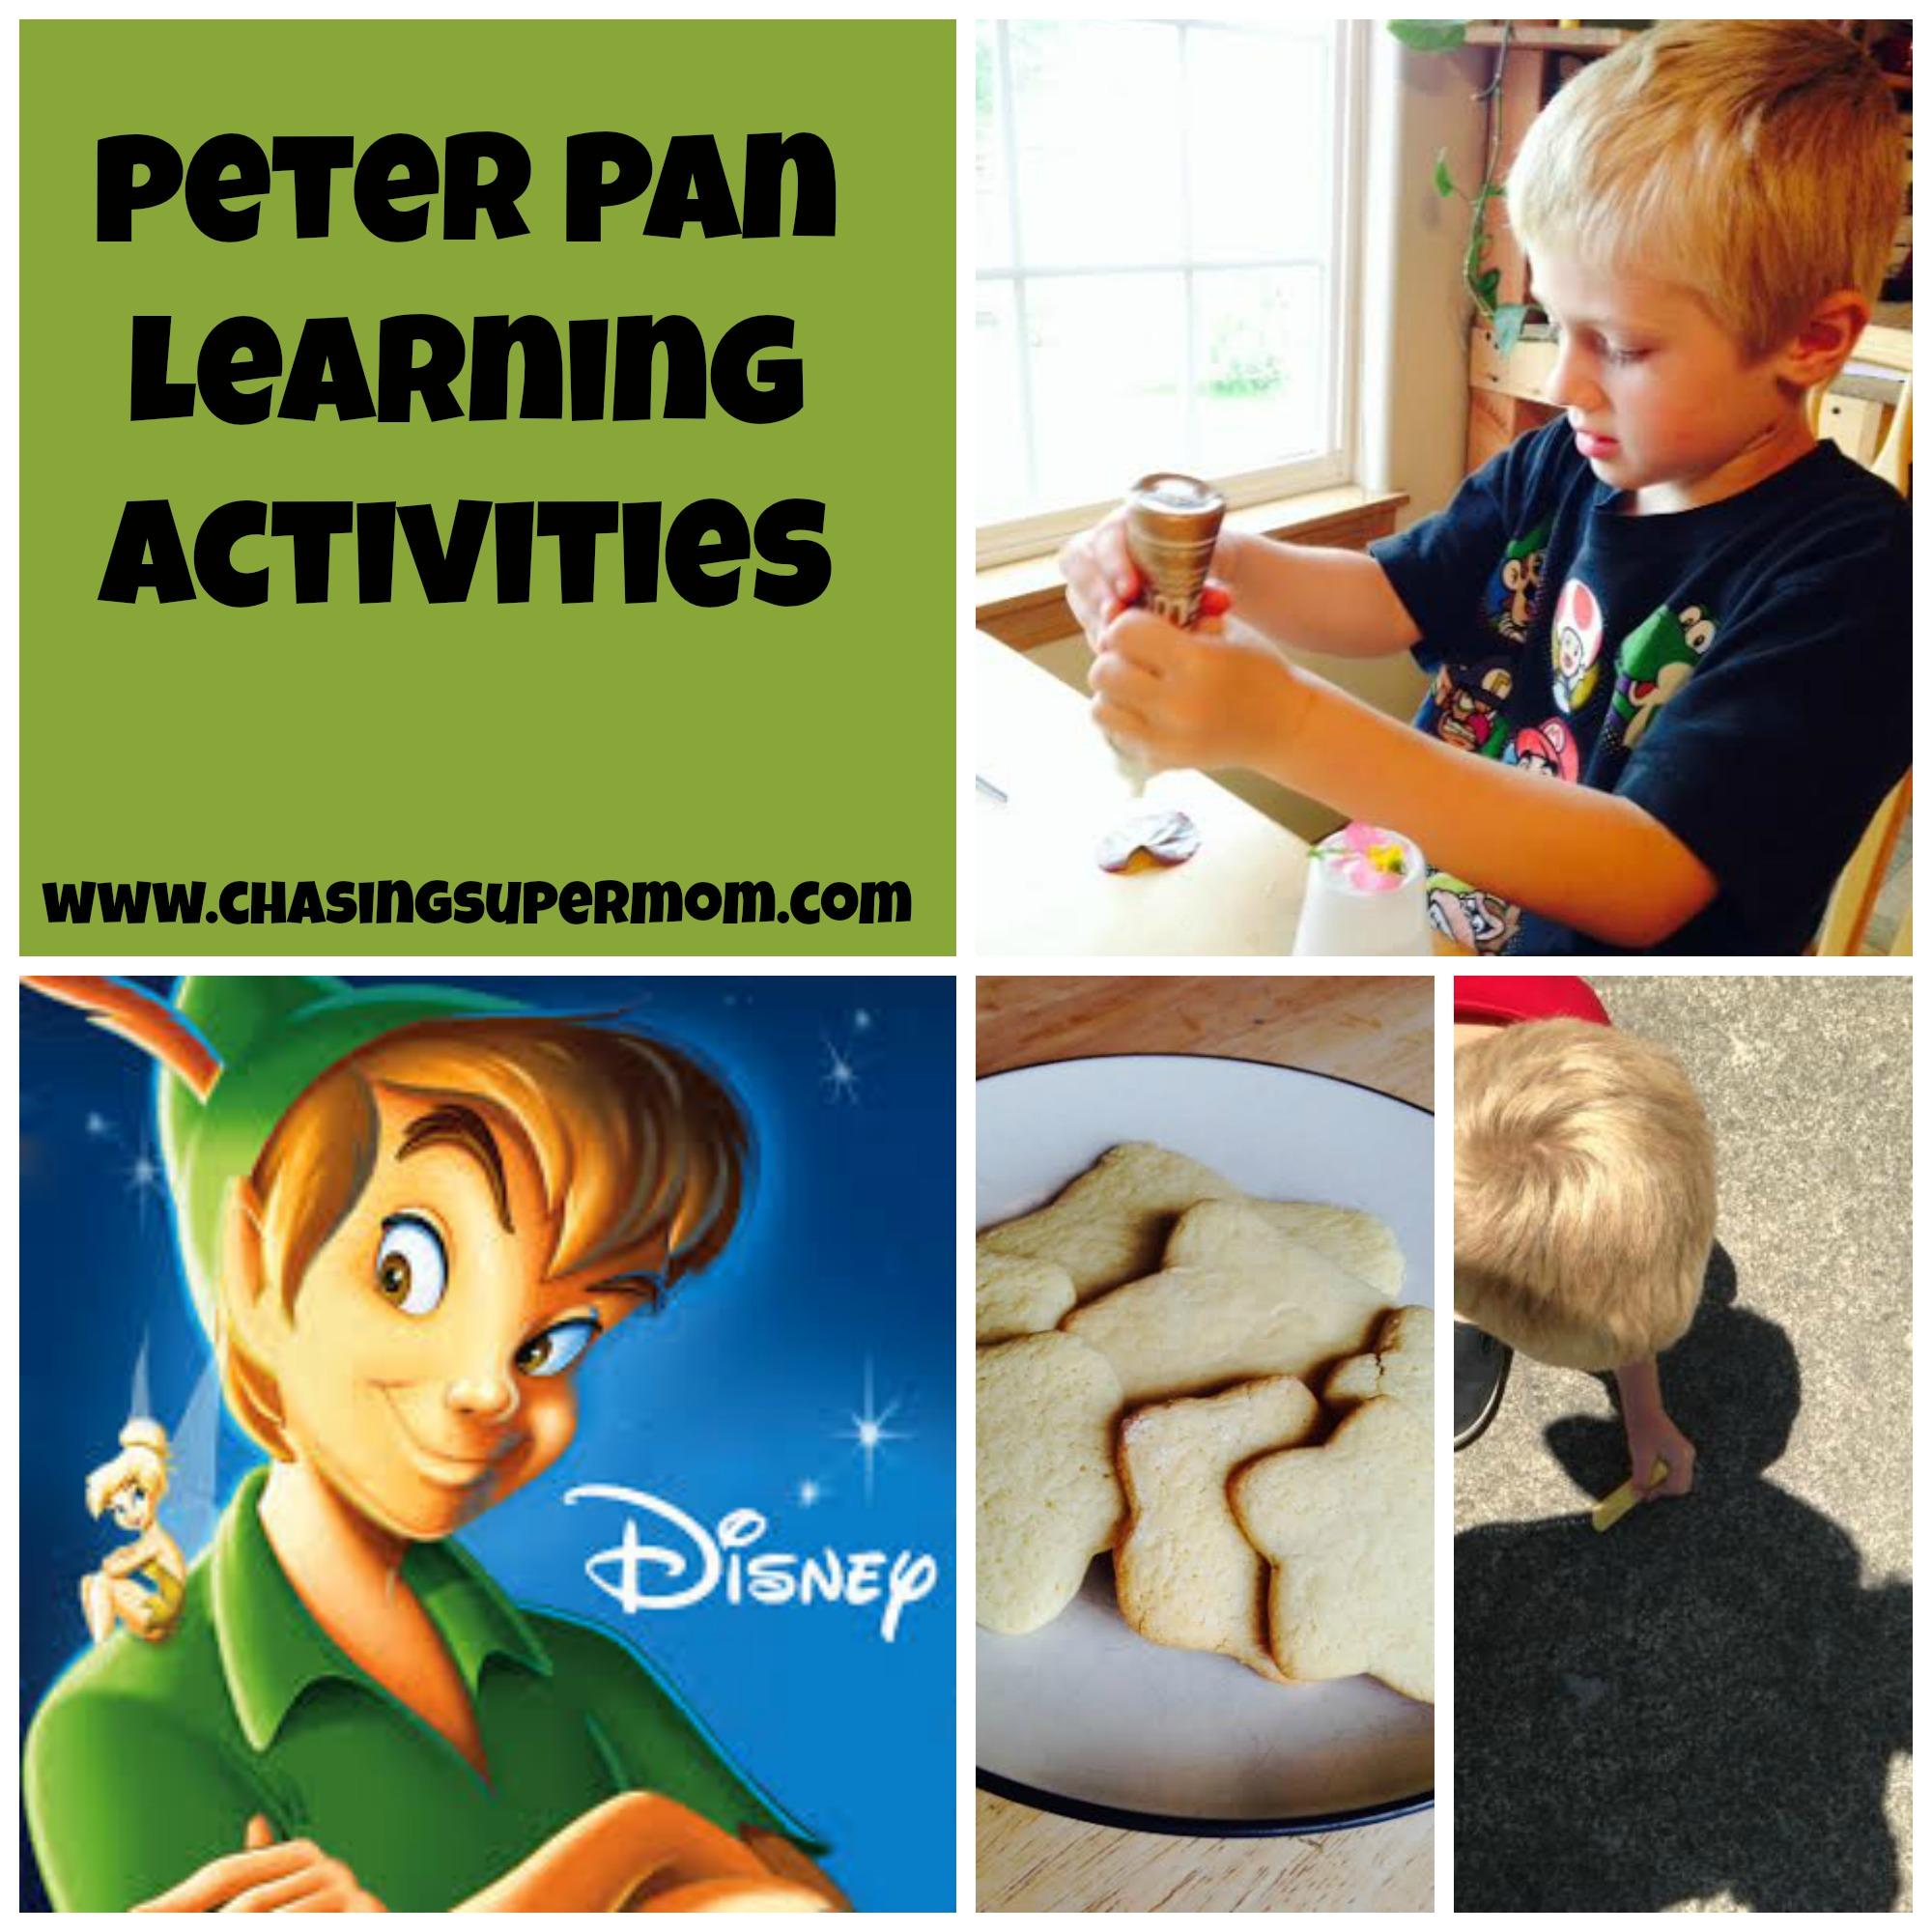 Peter Pan Learning Activities – Peter Pan Curriculum Ideas